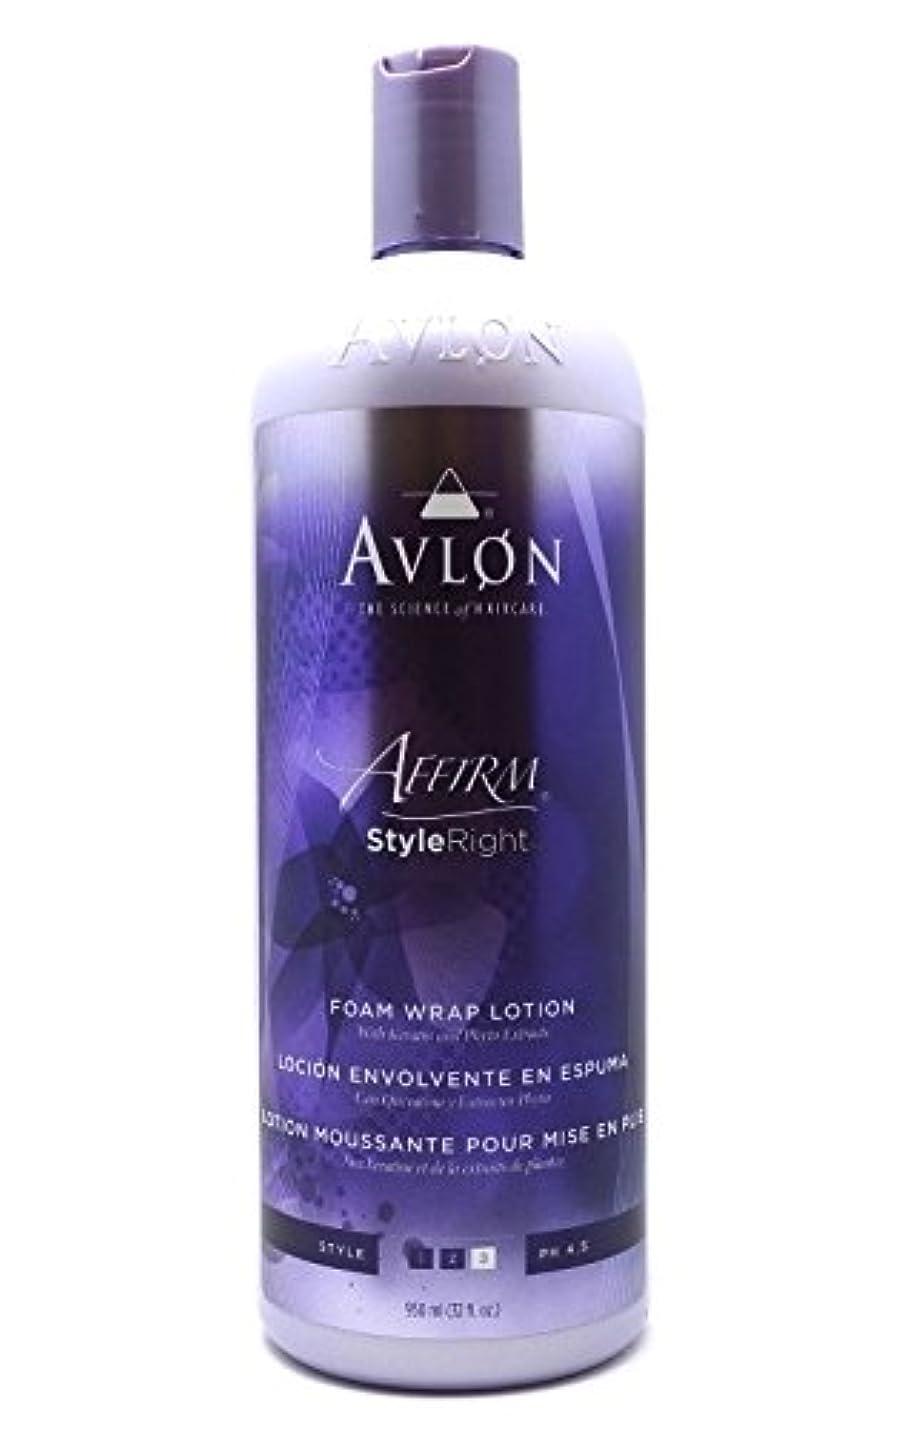 浅いジョガー裏切るAvlon Hair Care アバロンアファームスタイル右泡ラップローション - 32オンス 32オンス